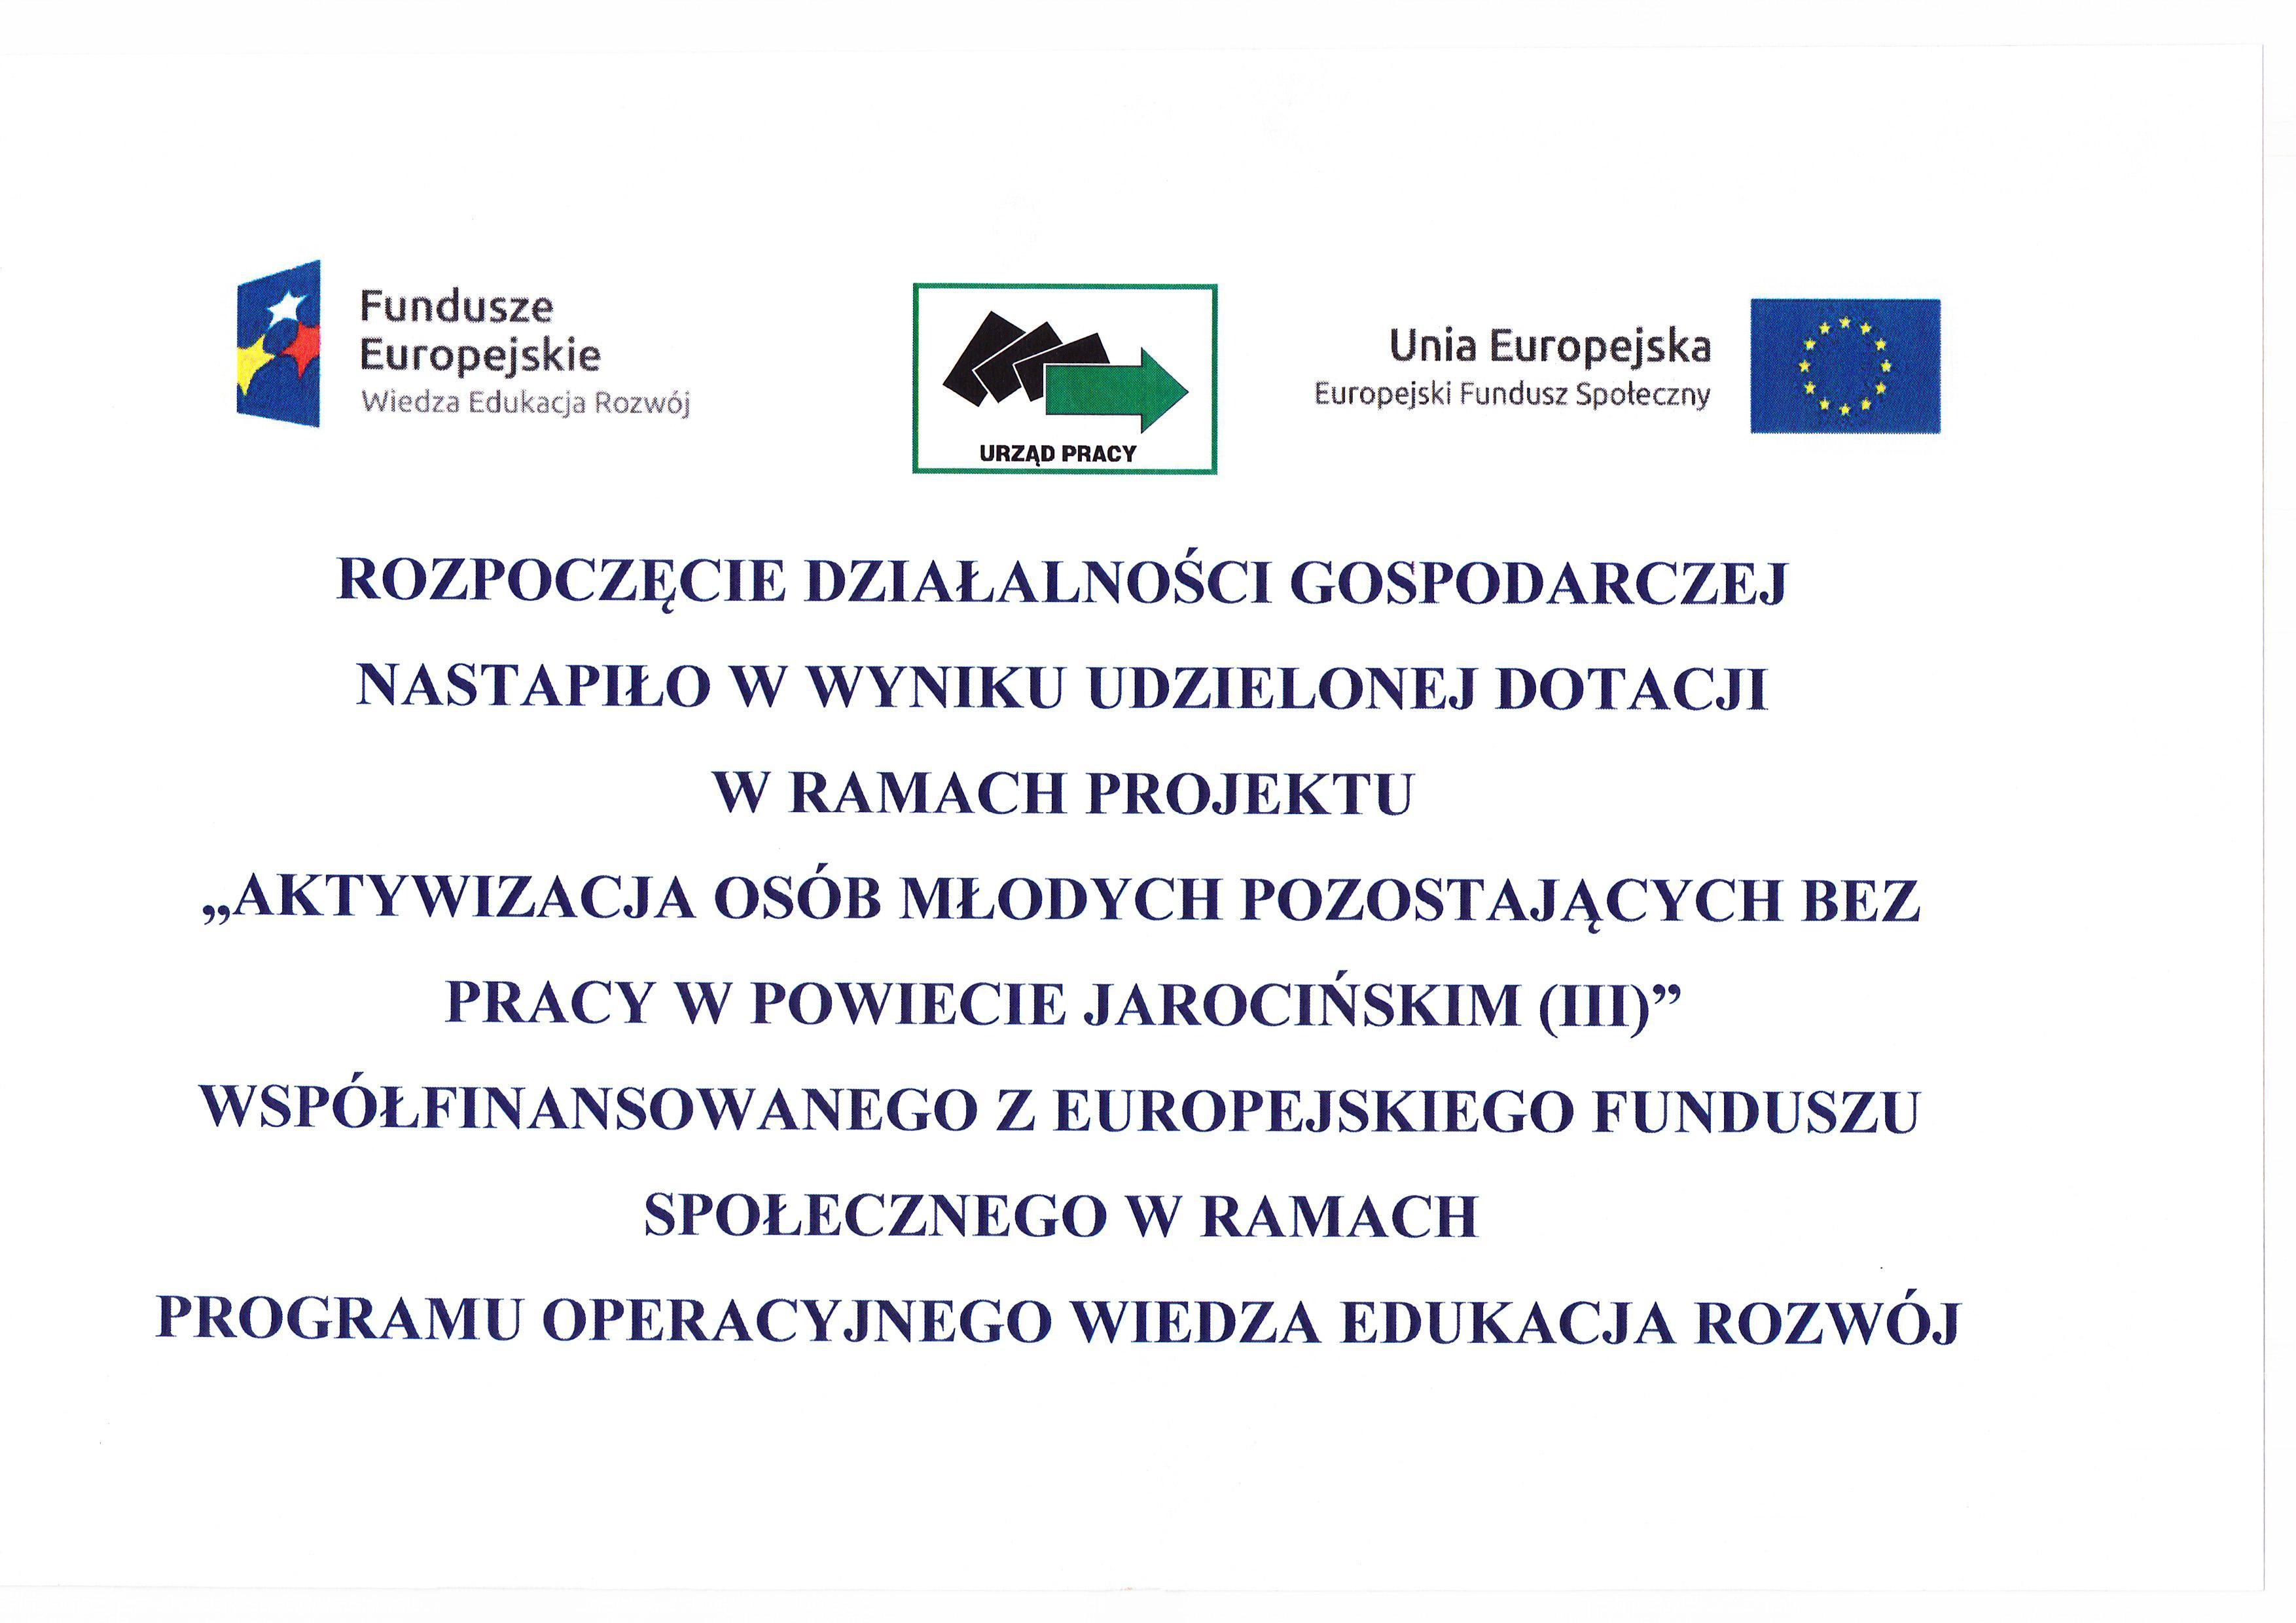 Dofinansowanie z UE